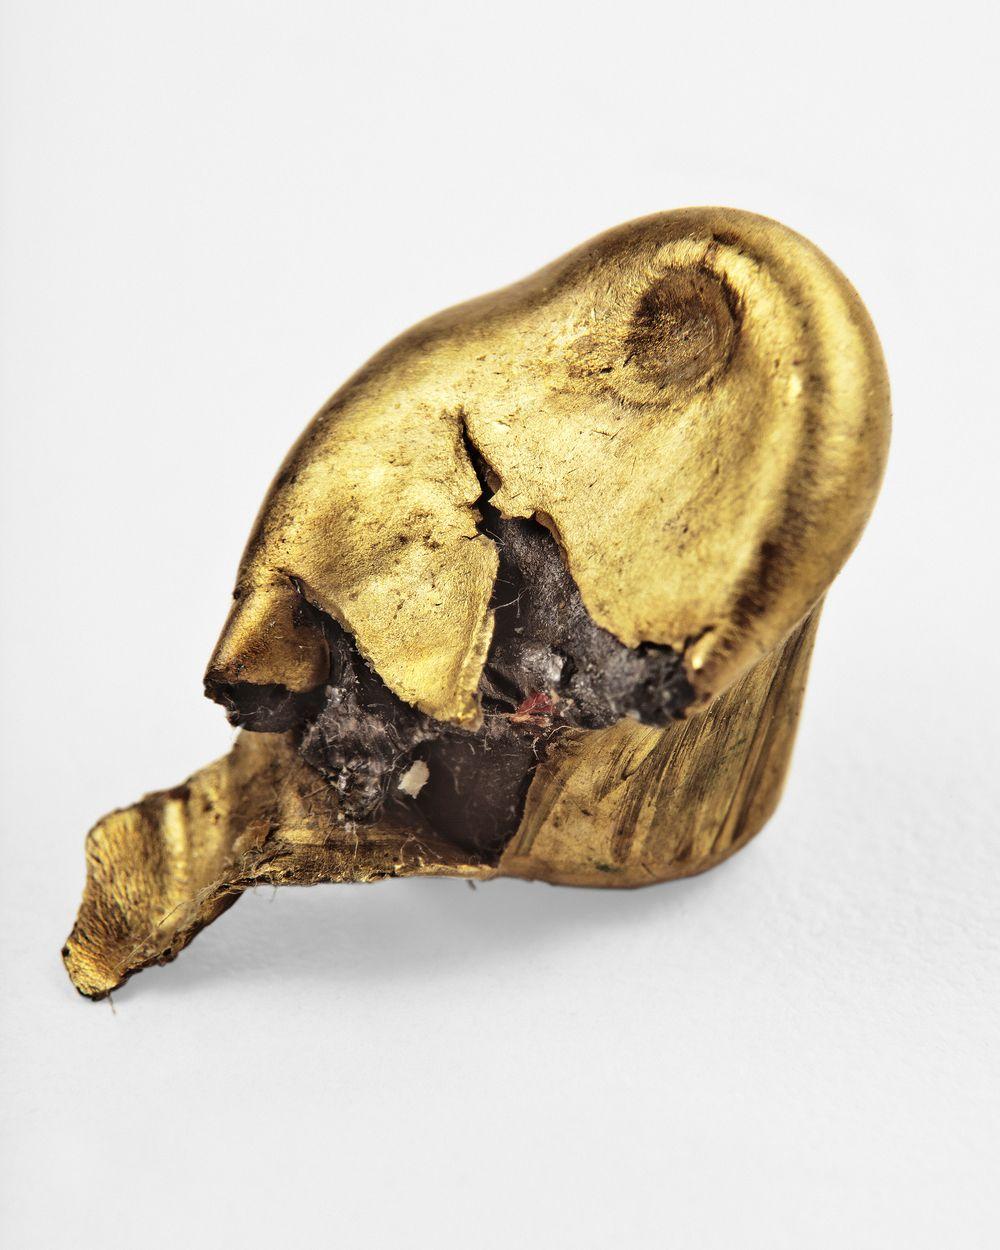 Juan Toro, Plomos, 2011-2012, impresiones digitales, 90 x 74 cm. Cortesía del artista